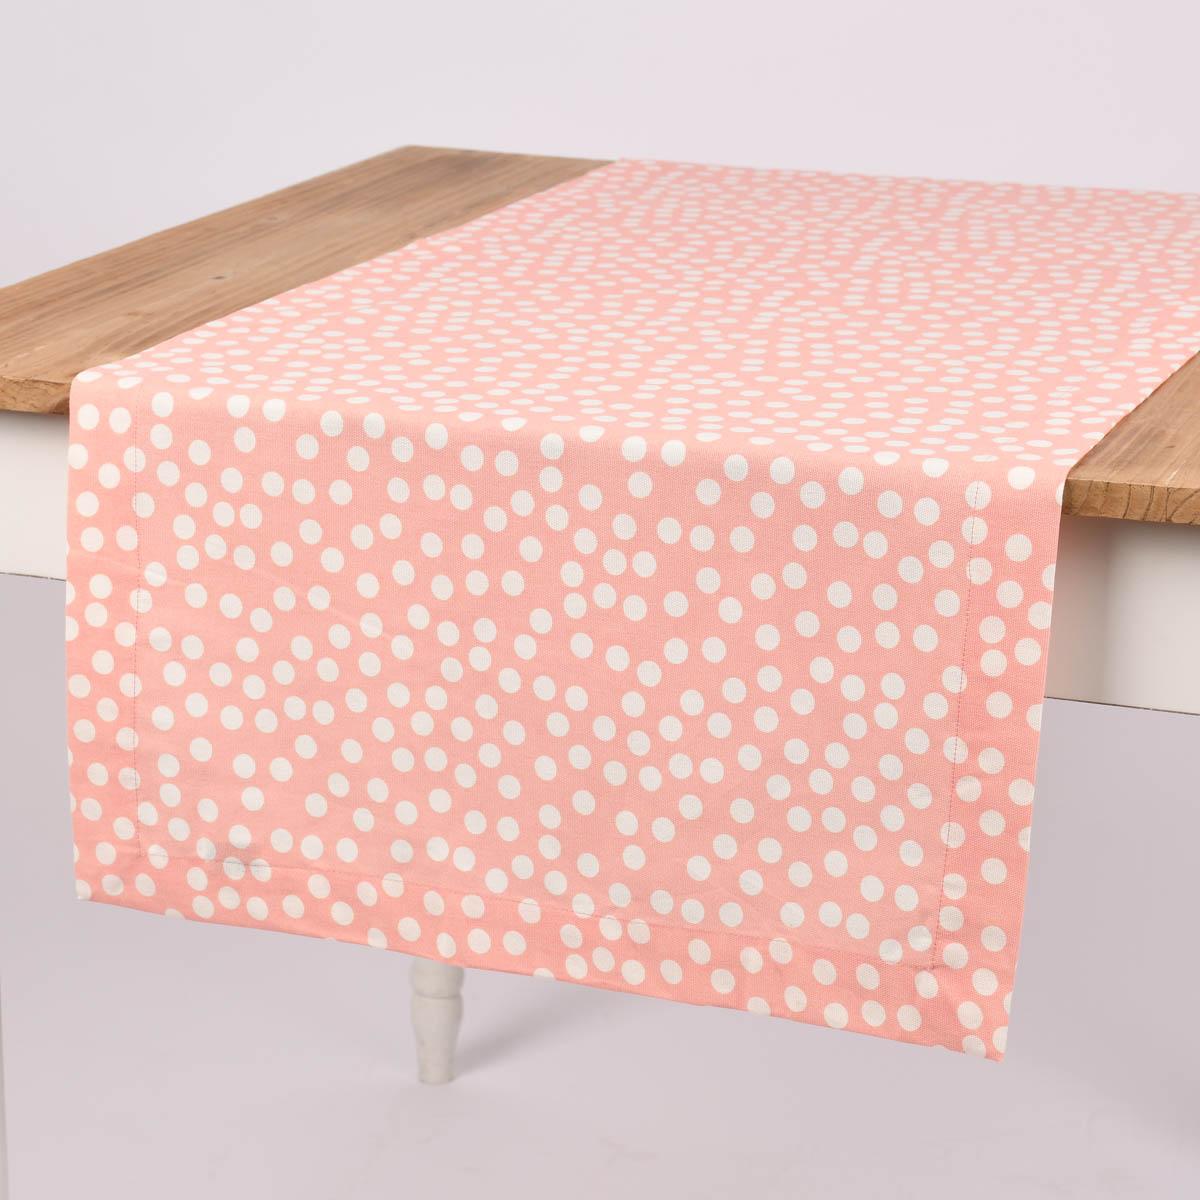 Linen & More Tischläufer Punkte rosa weiß 50x140cm